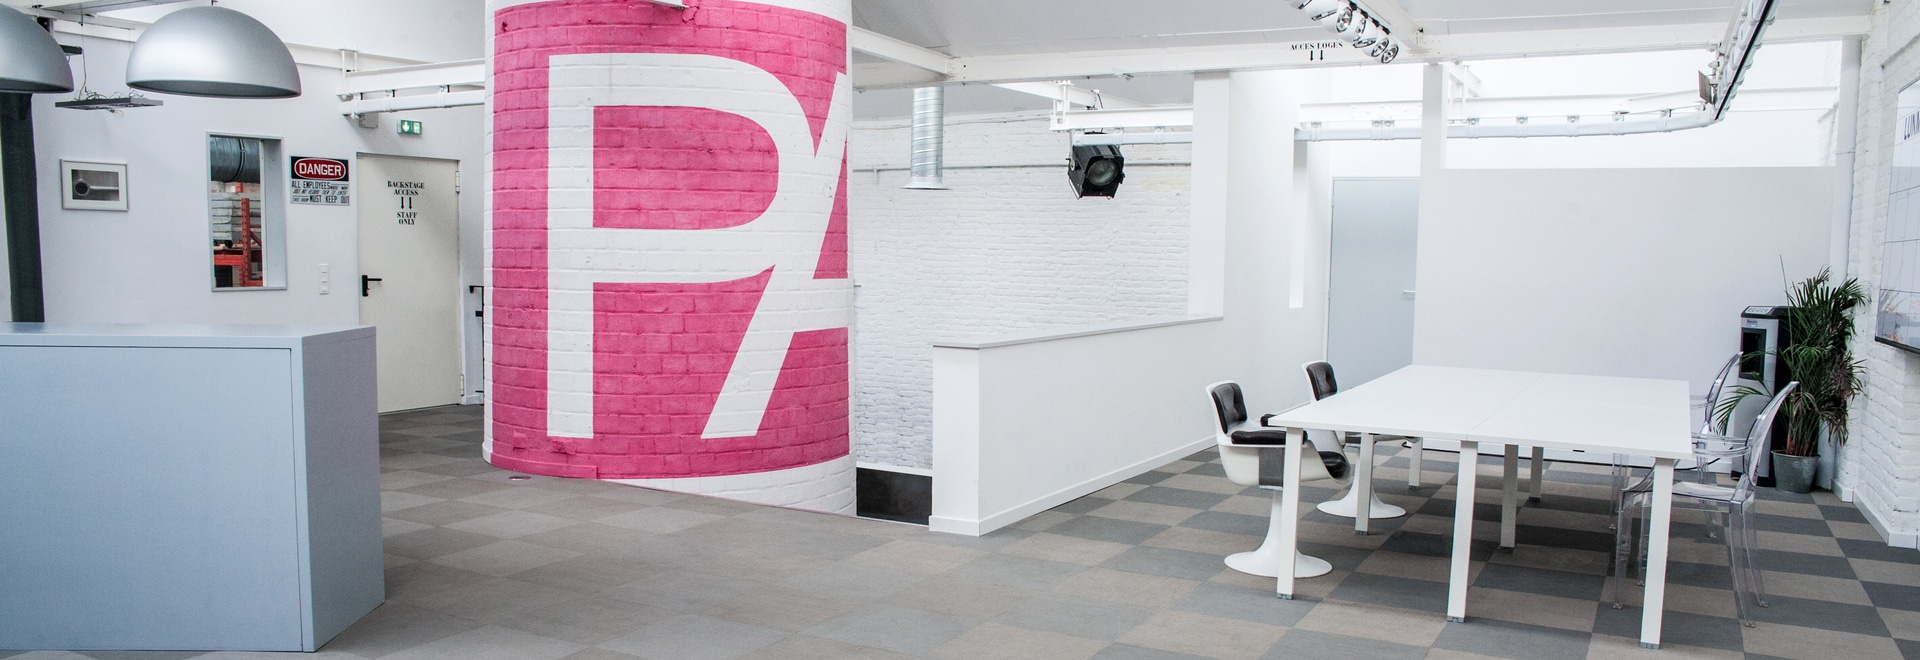 Cómo crear espacios de trabajo más agradables